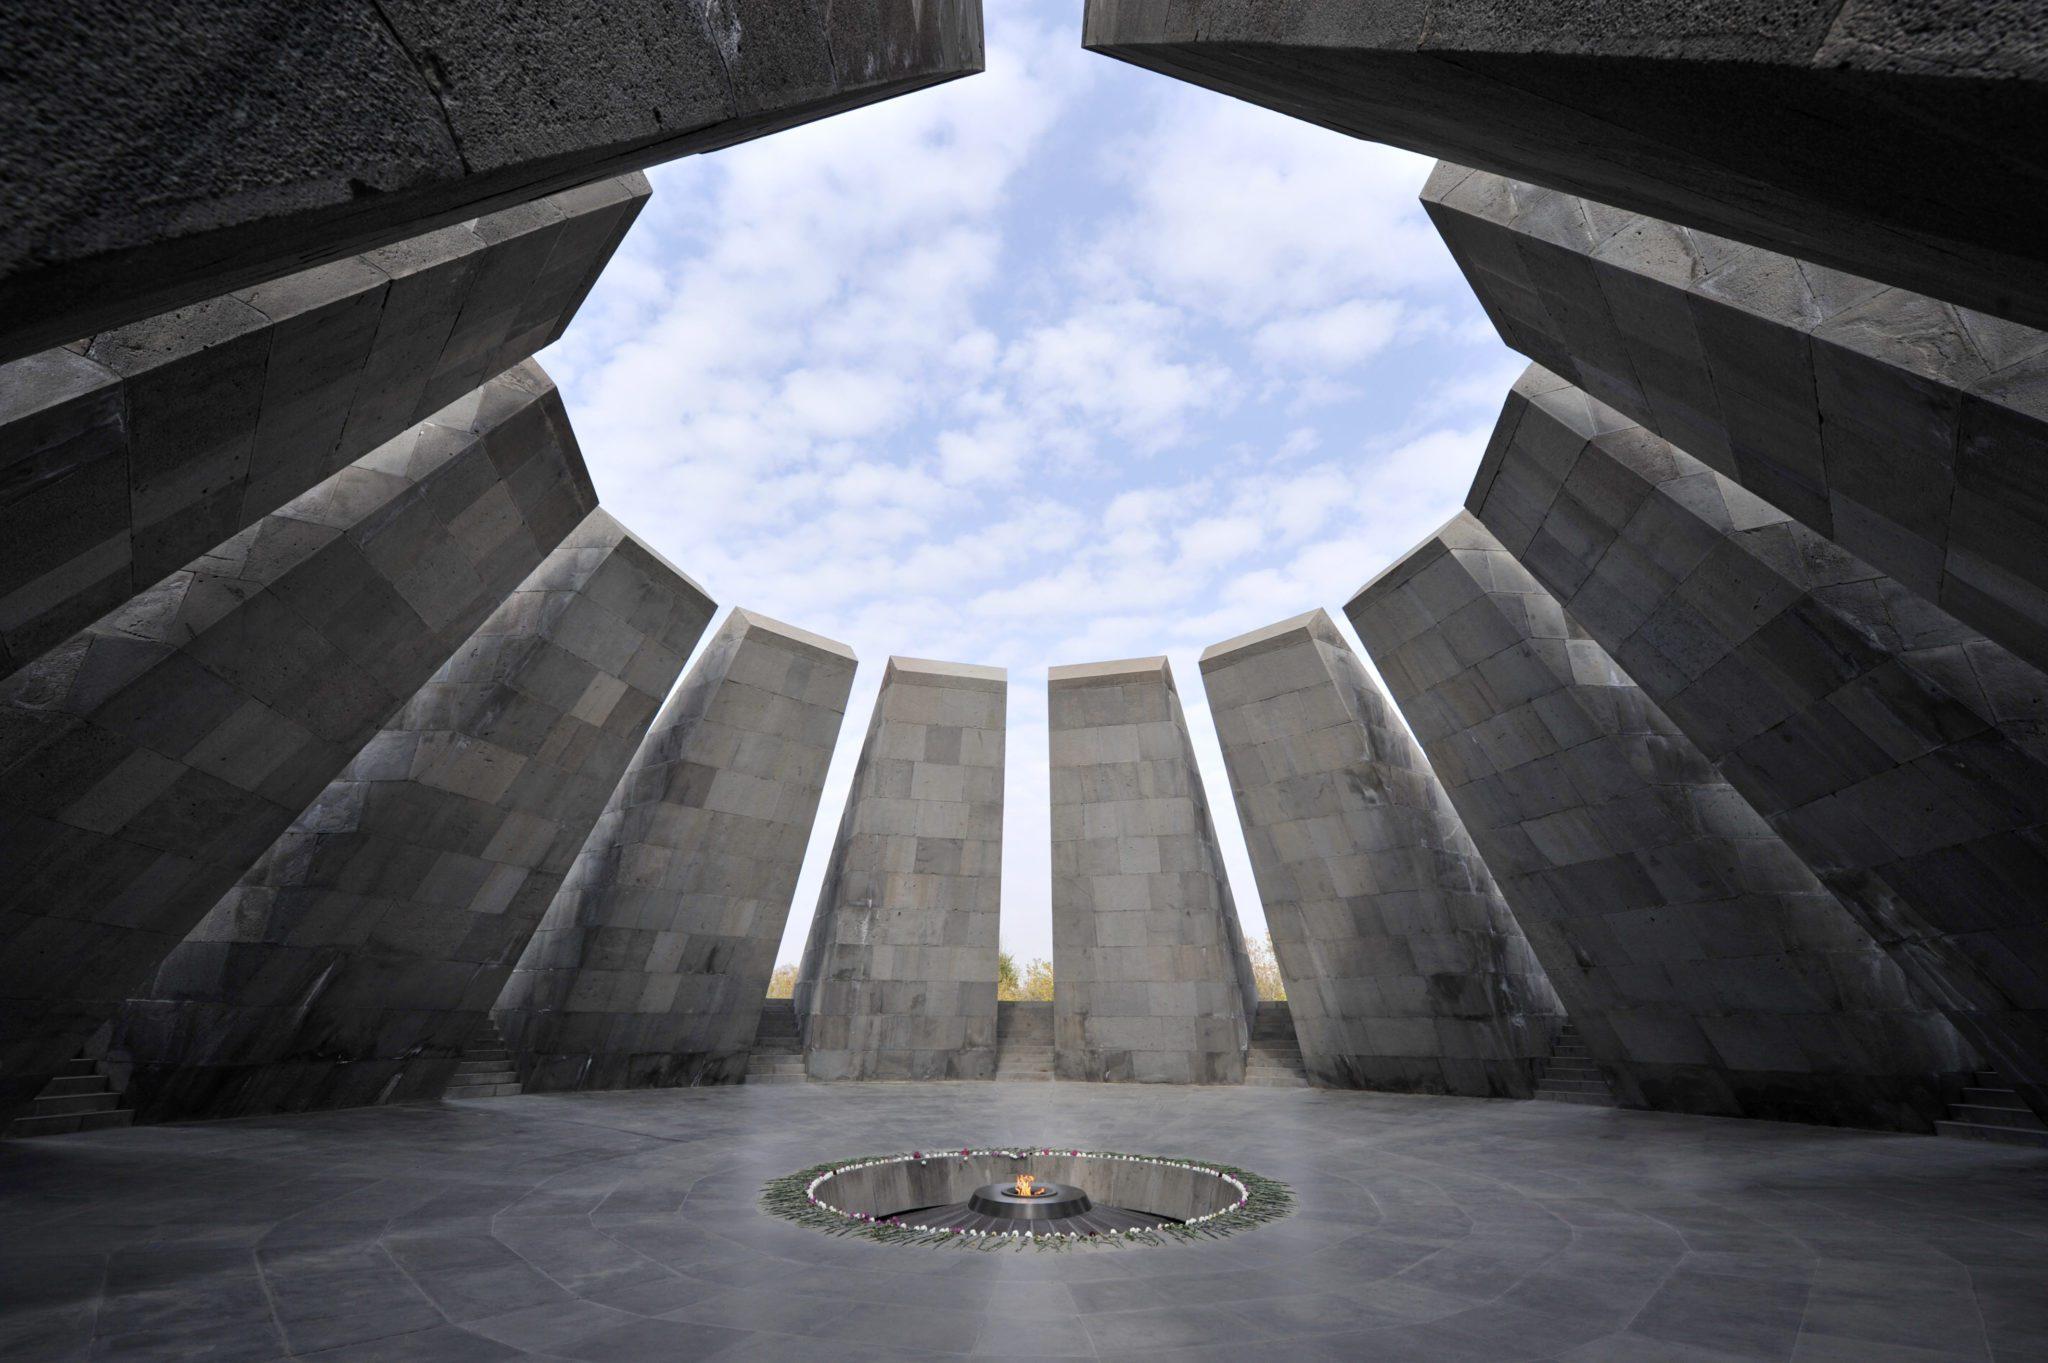 Ιστορία Βαμμένη στο Αίμα: Αρμενίων Γενοκτονία